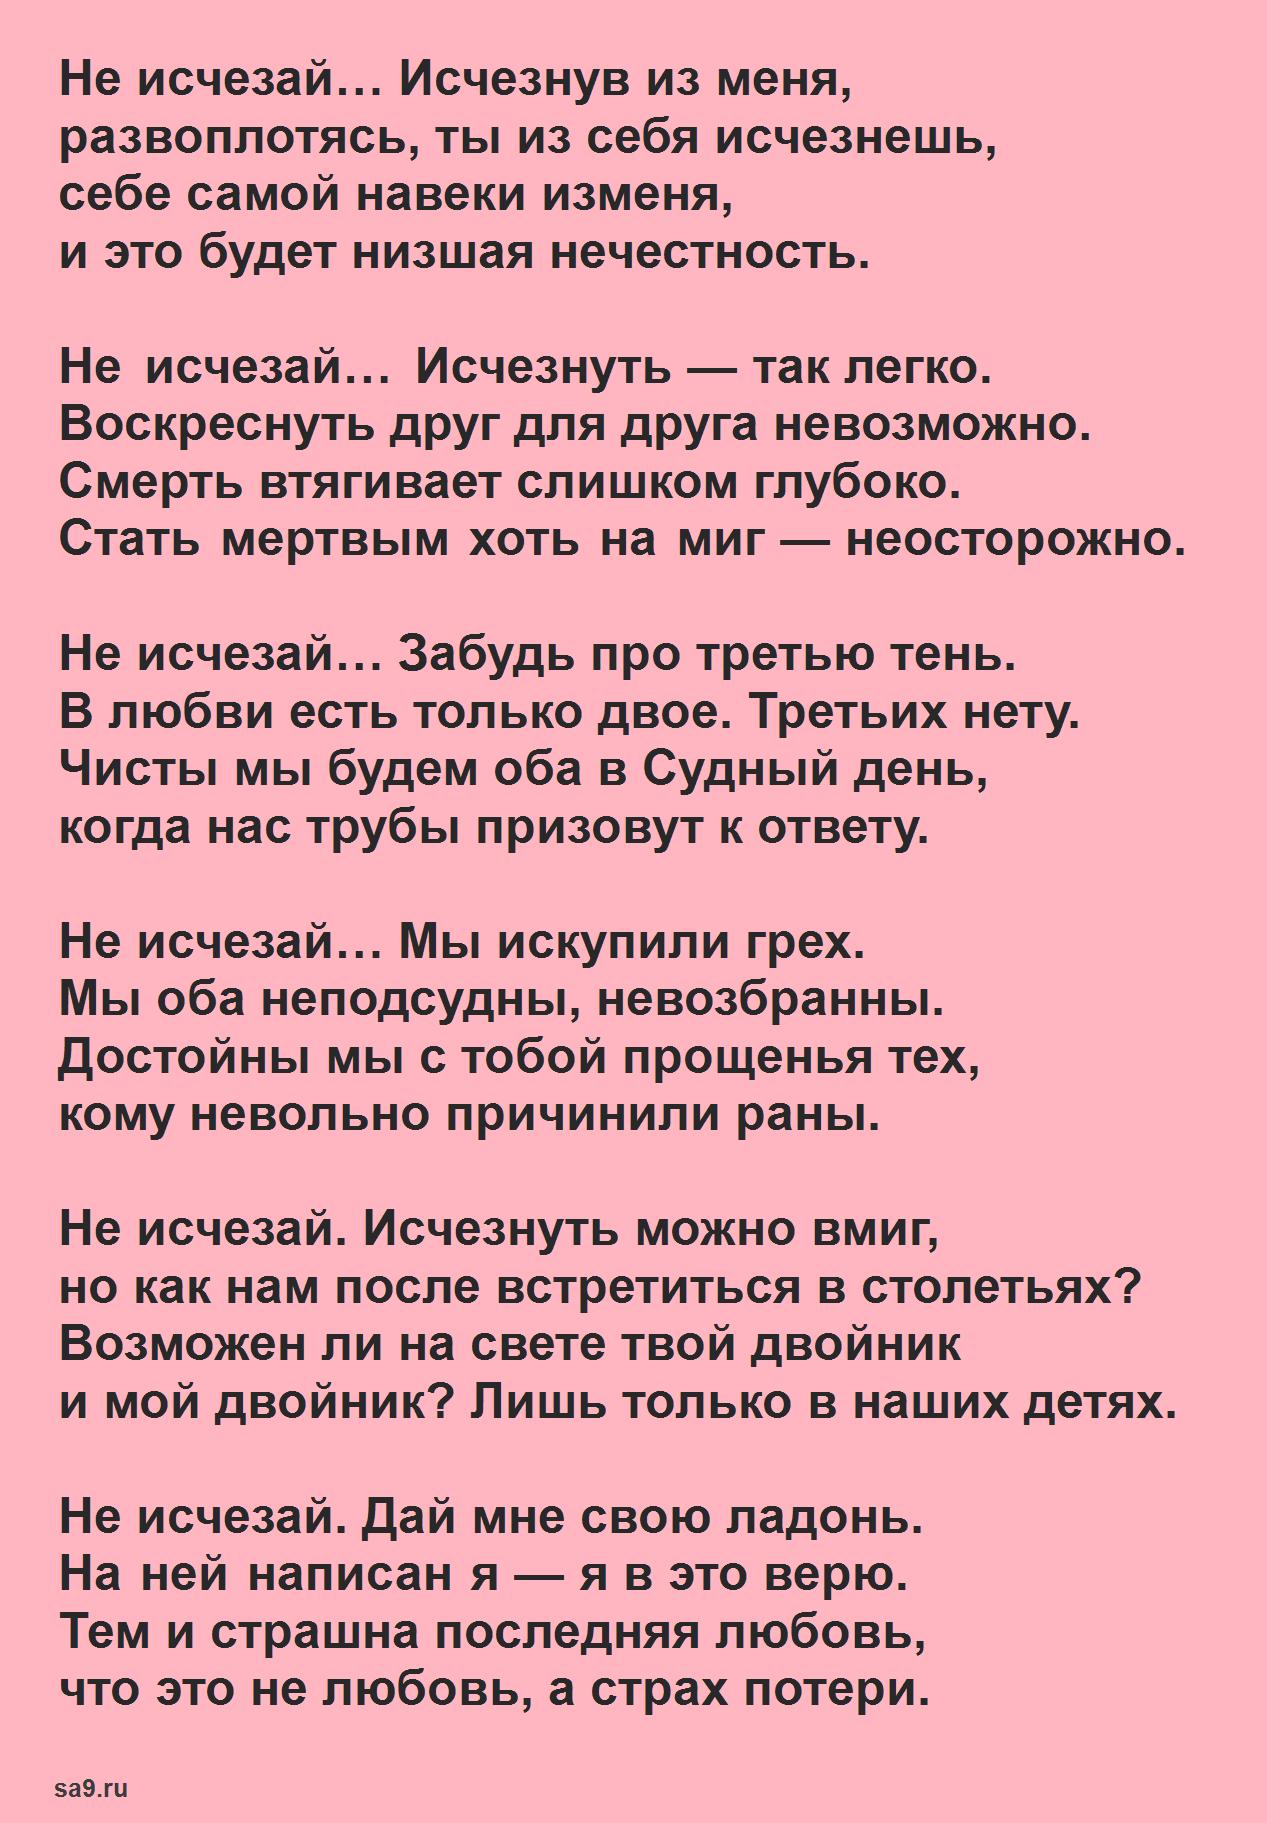 Евтушенко легкие стихи - Не исчезай исчезнув из меня